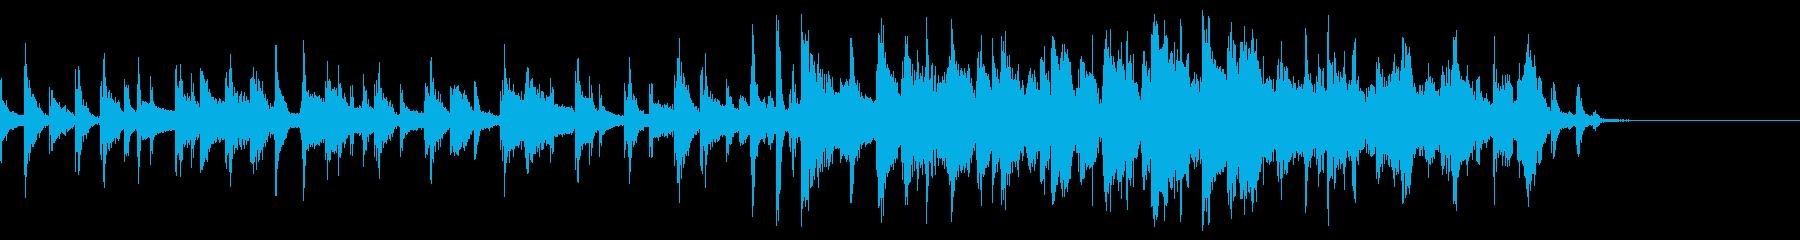 ポジティブ、知的なファイト感イメージの再生済みの波形